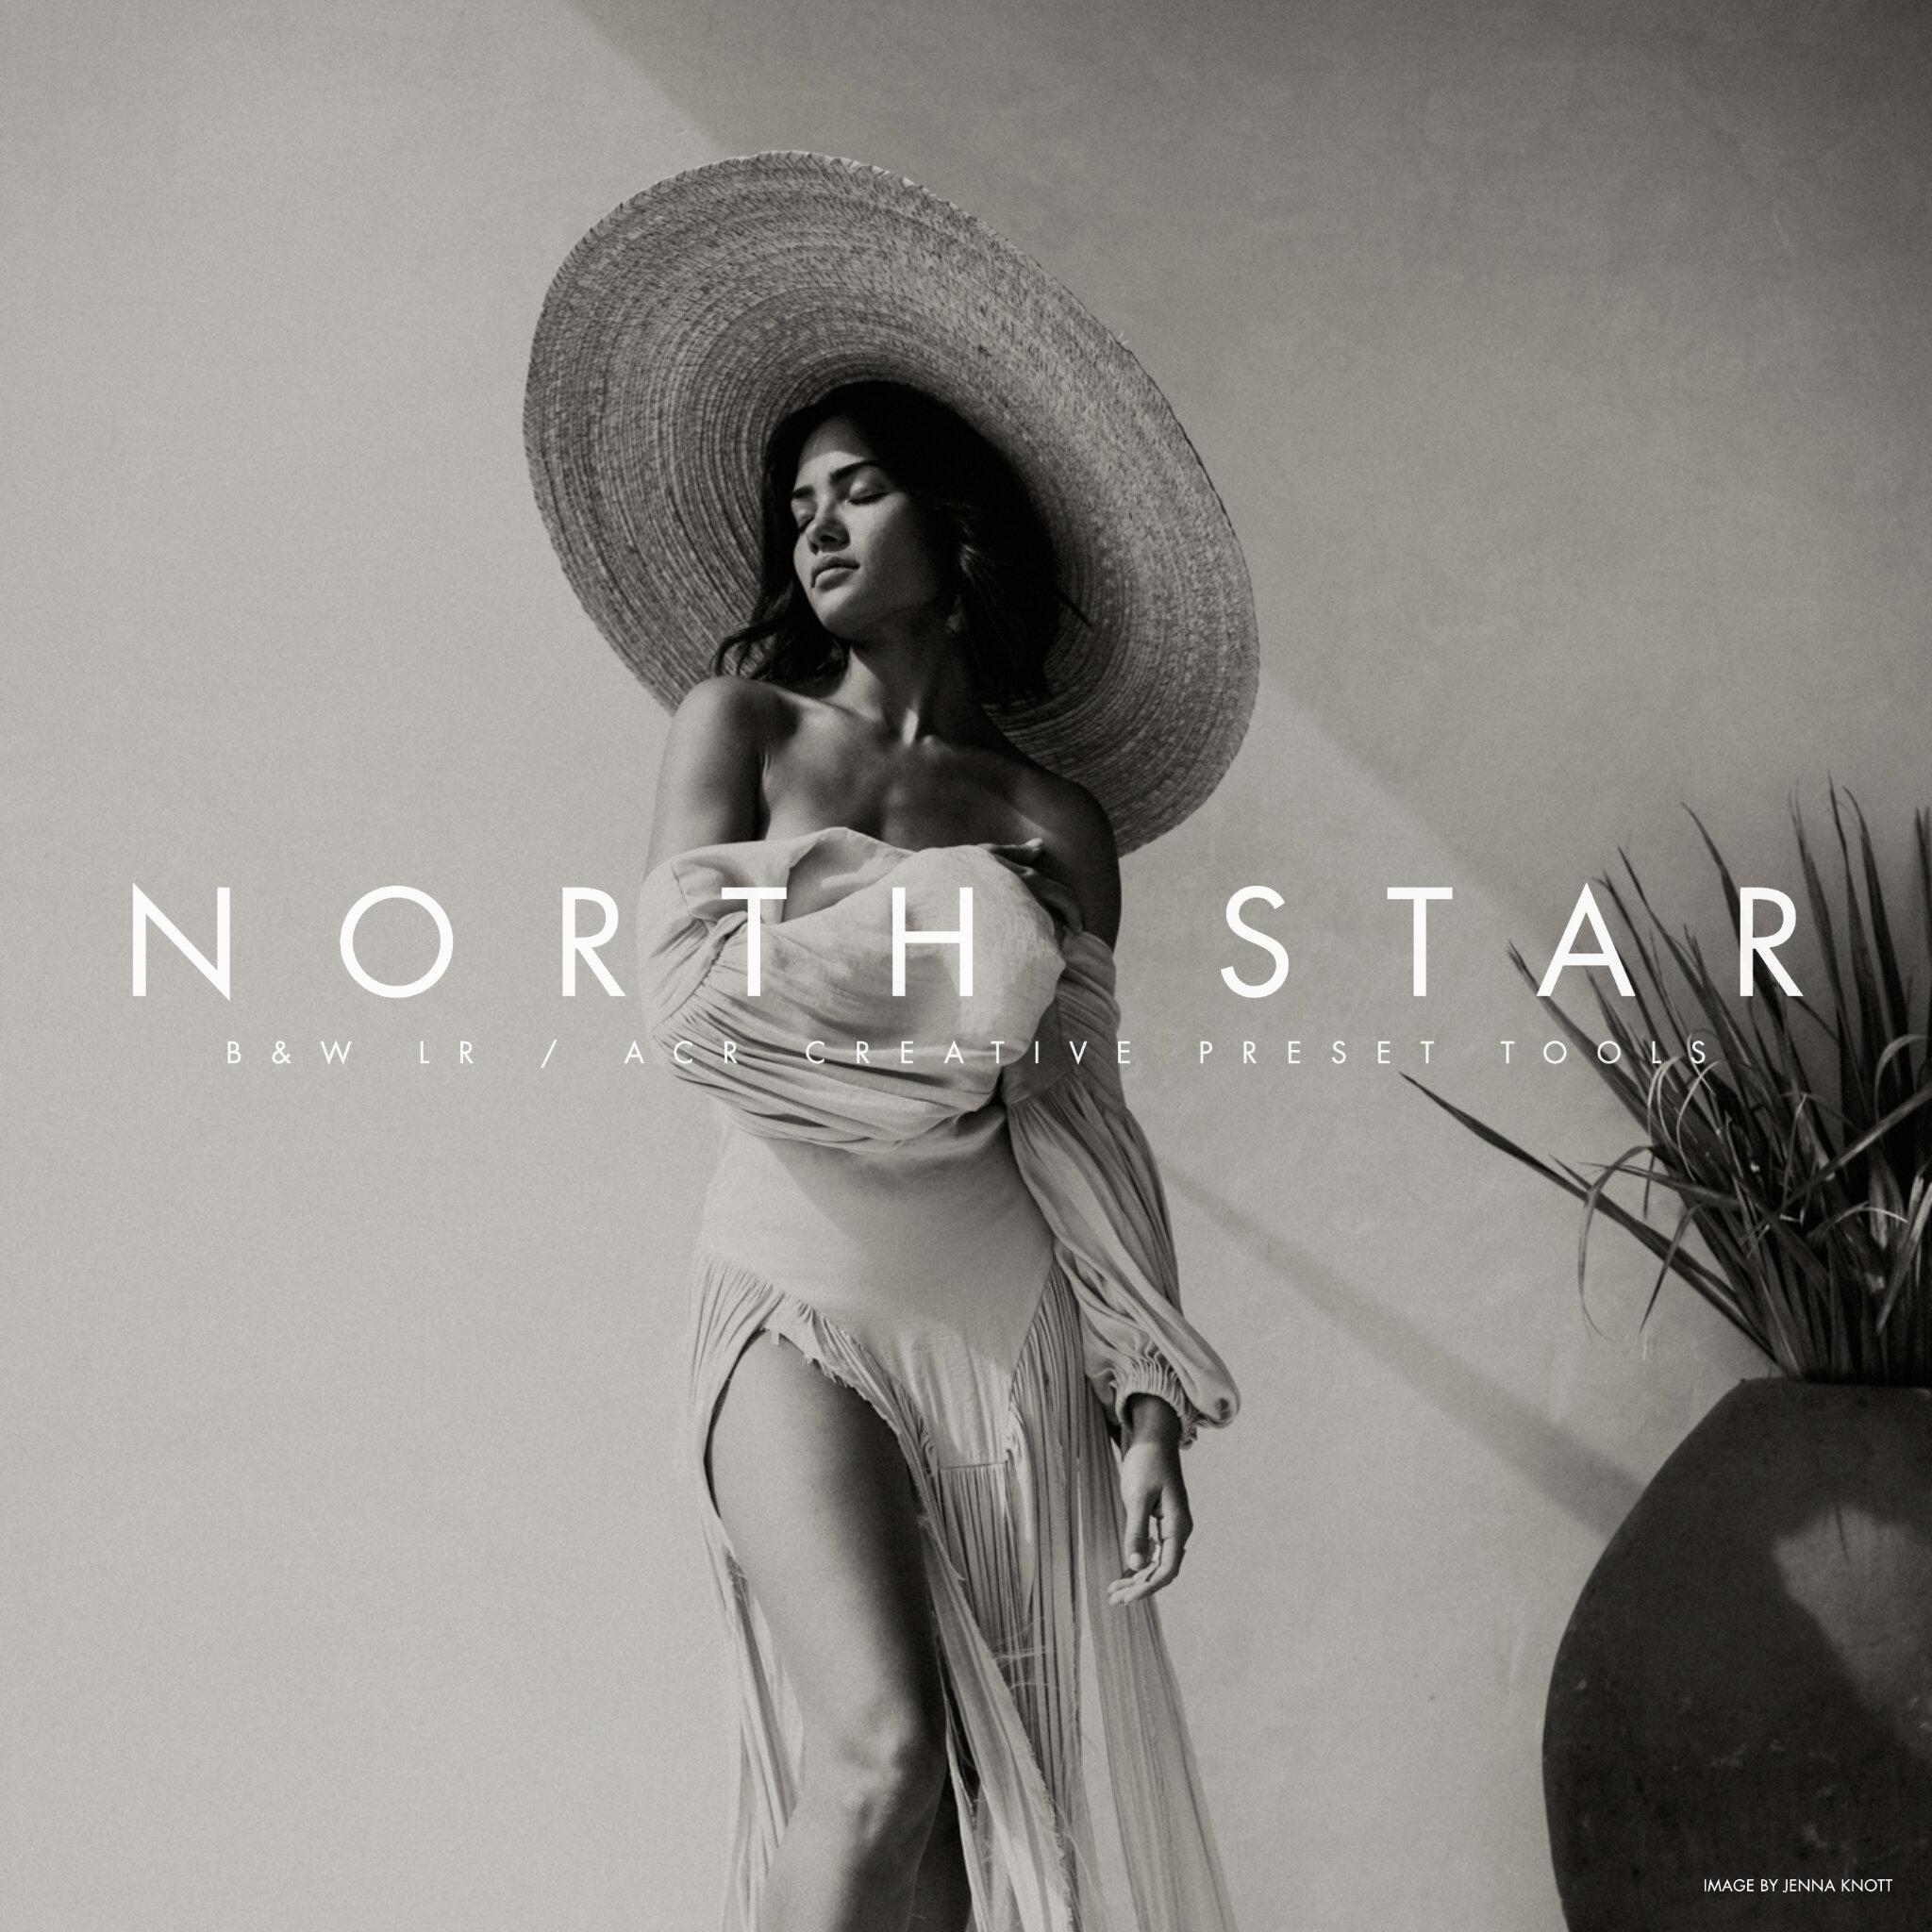 Archipelago - NORTH STAR B+W LR/ACR PRESETS + PROFILES